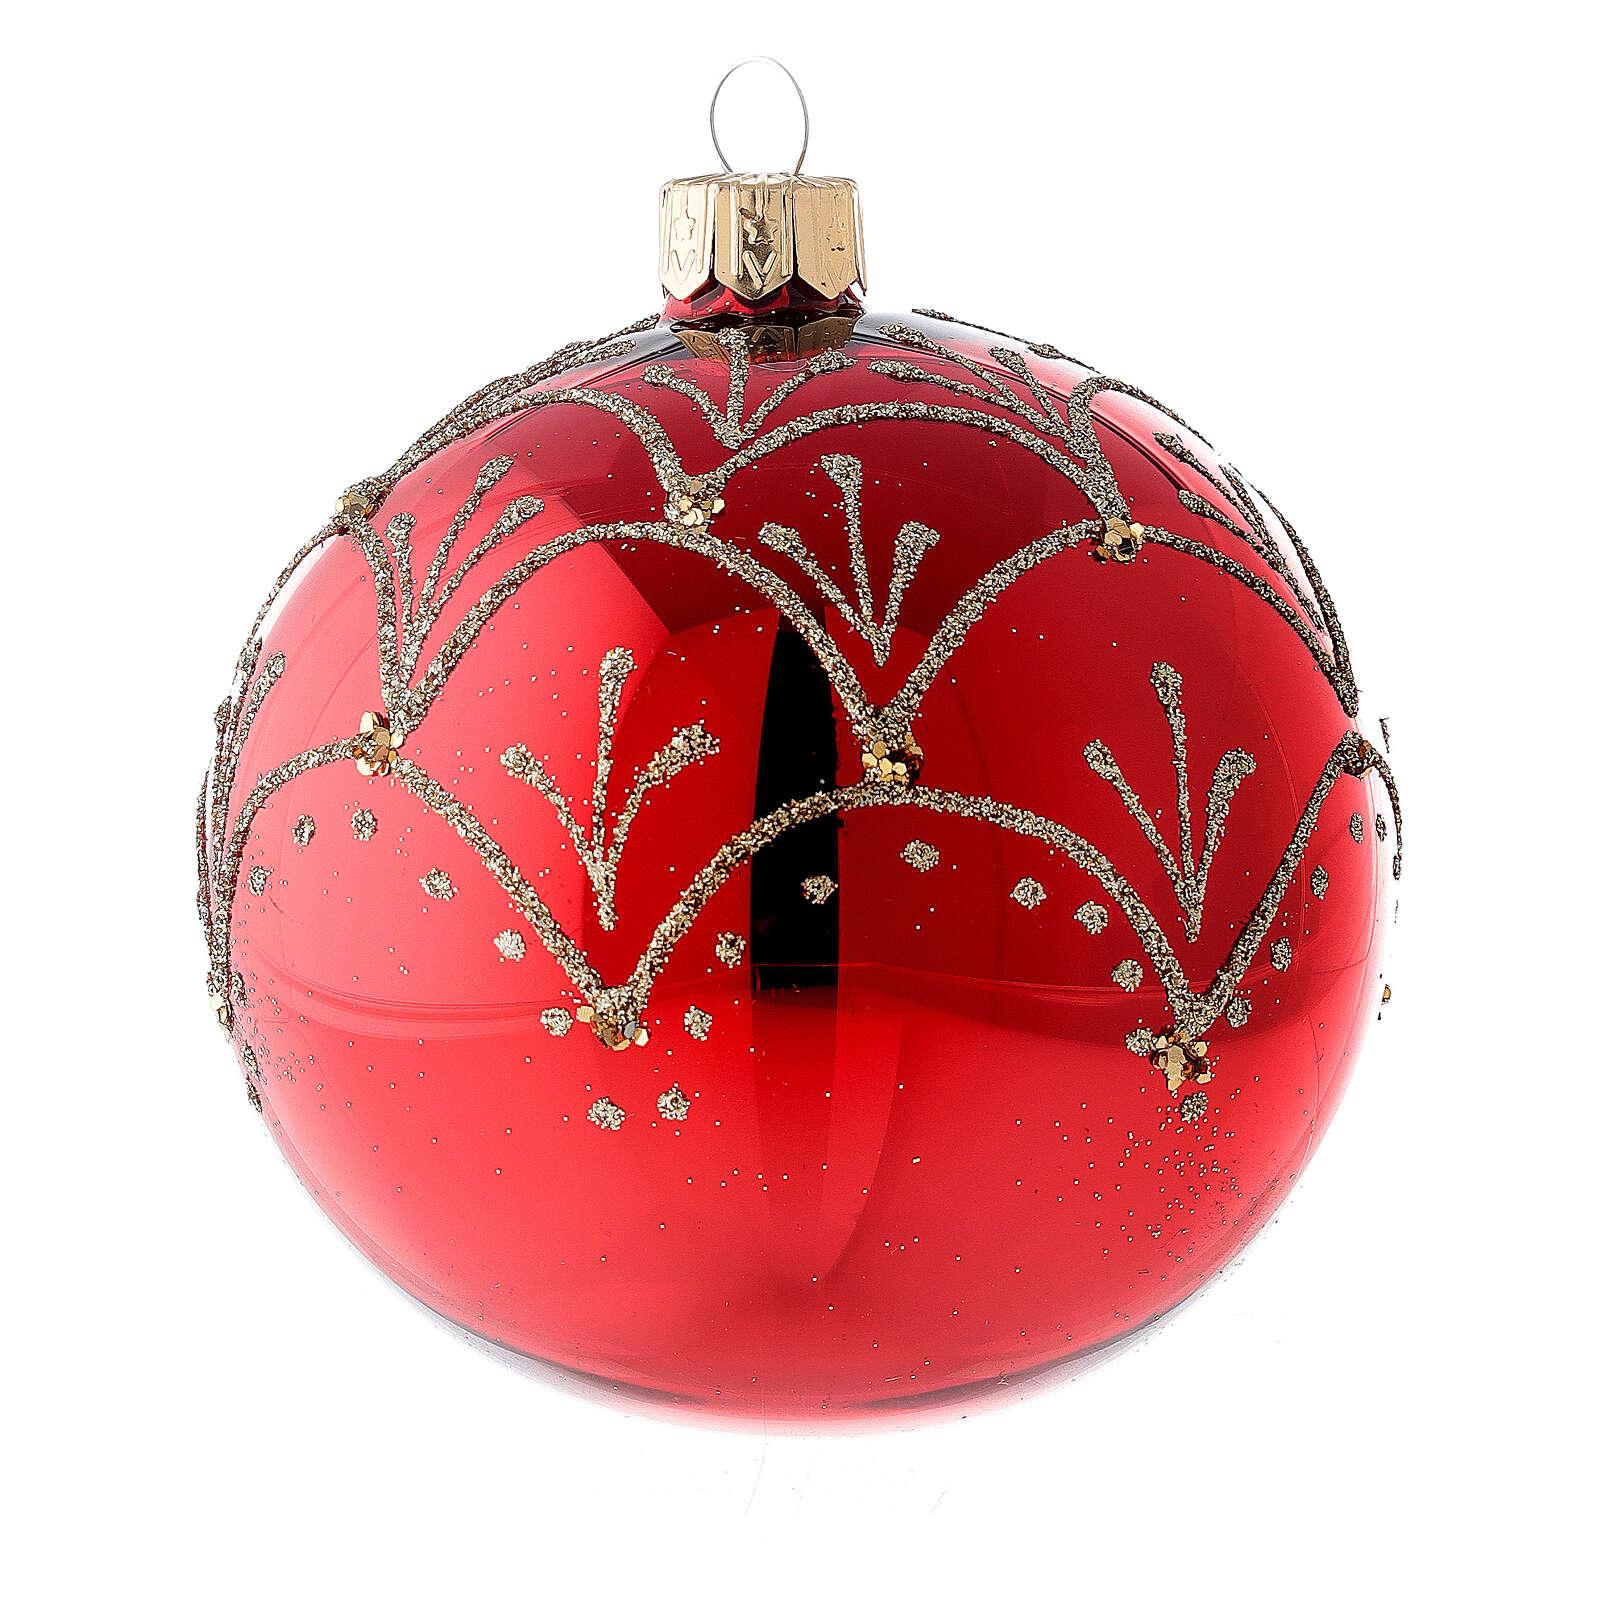 Ornement rouge décorations or verre soufflé sapin Noël 80 mm 6 pcs 4